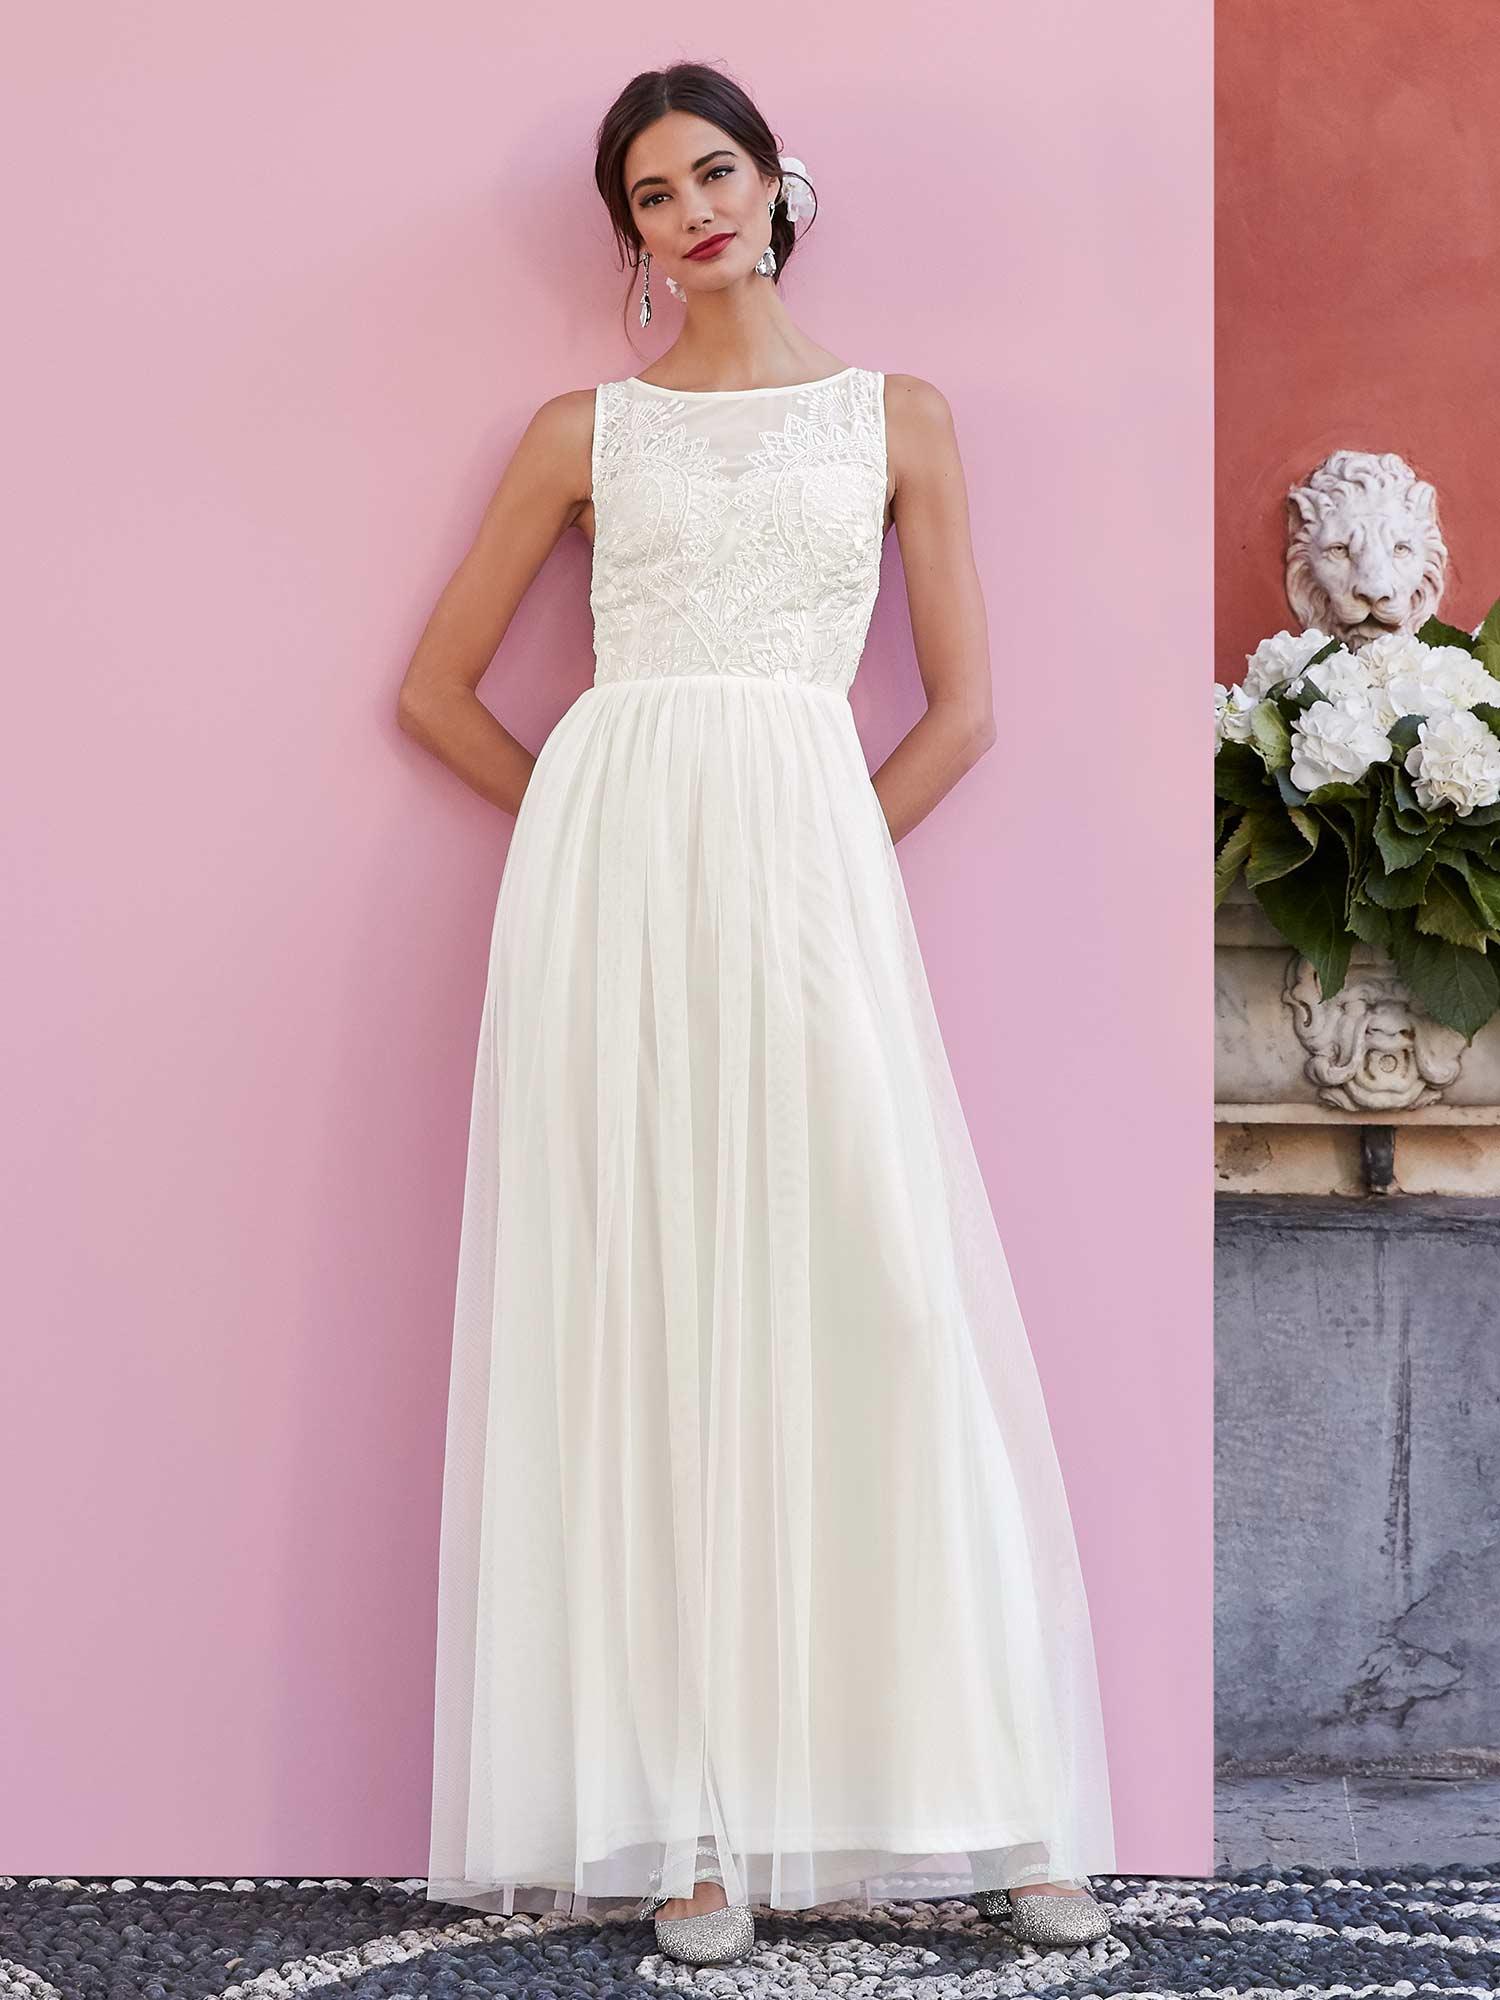 Ja, wir wollen! Kleider für die Braut und die Gäste.  Styles